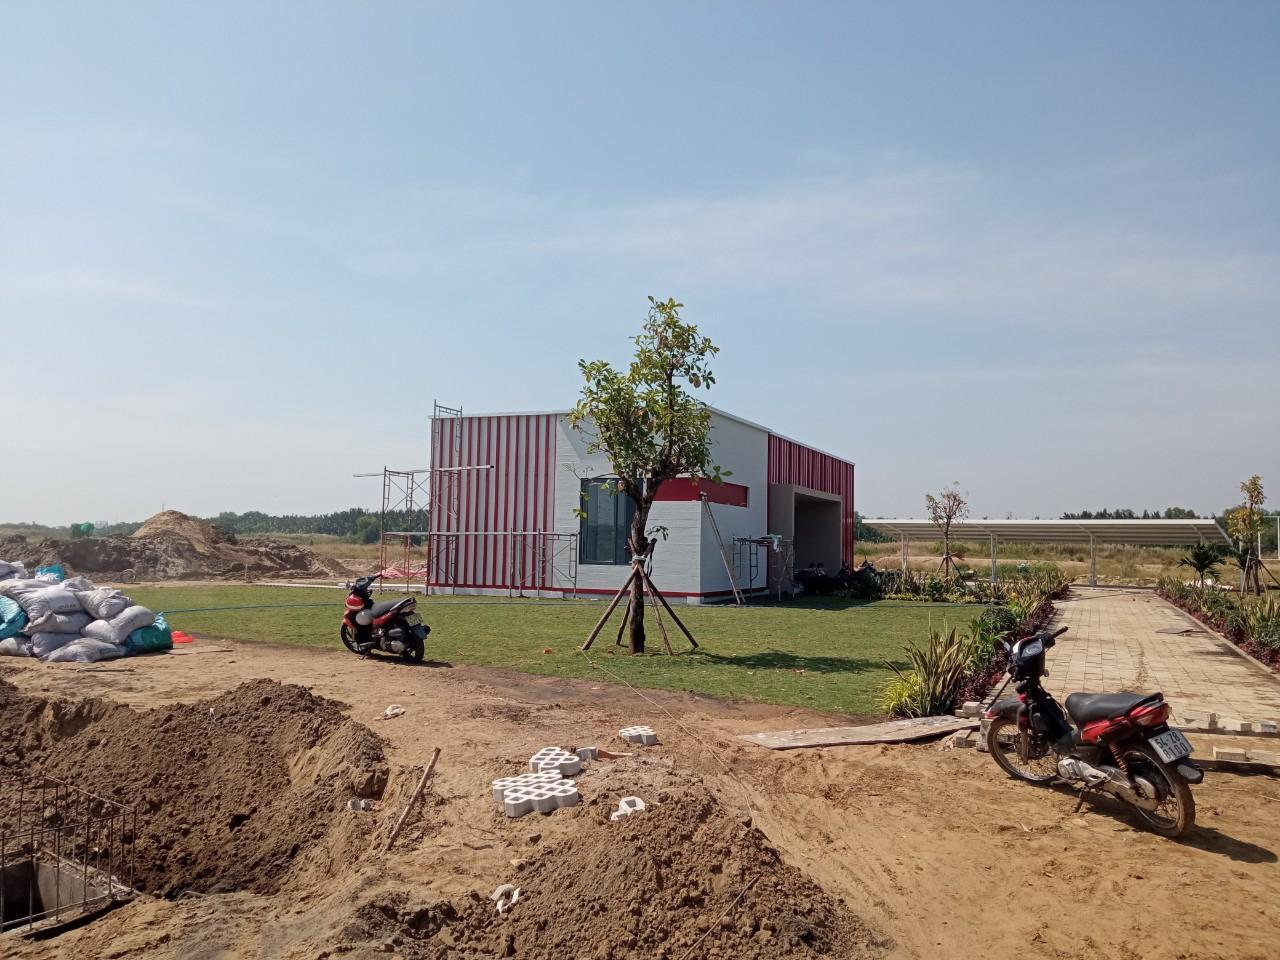 Tien do thi cong Du an Thuong mai Tan Thai Thinh - Dự án Khu dân cư Thương mại Tân Thái Thịnh